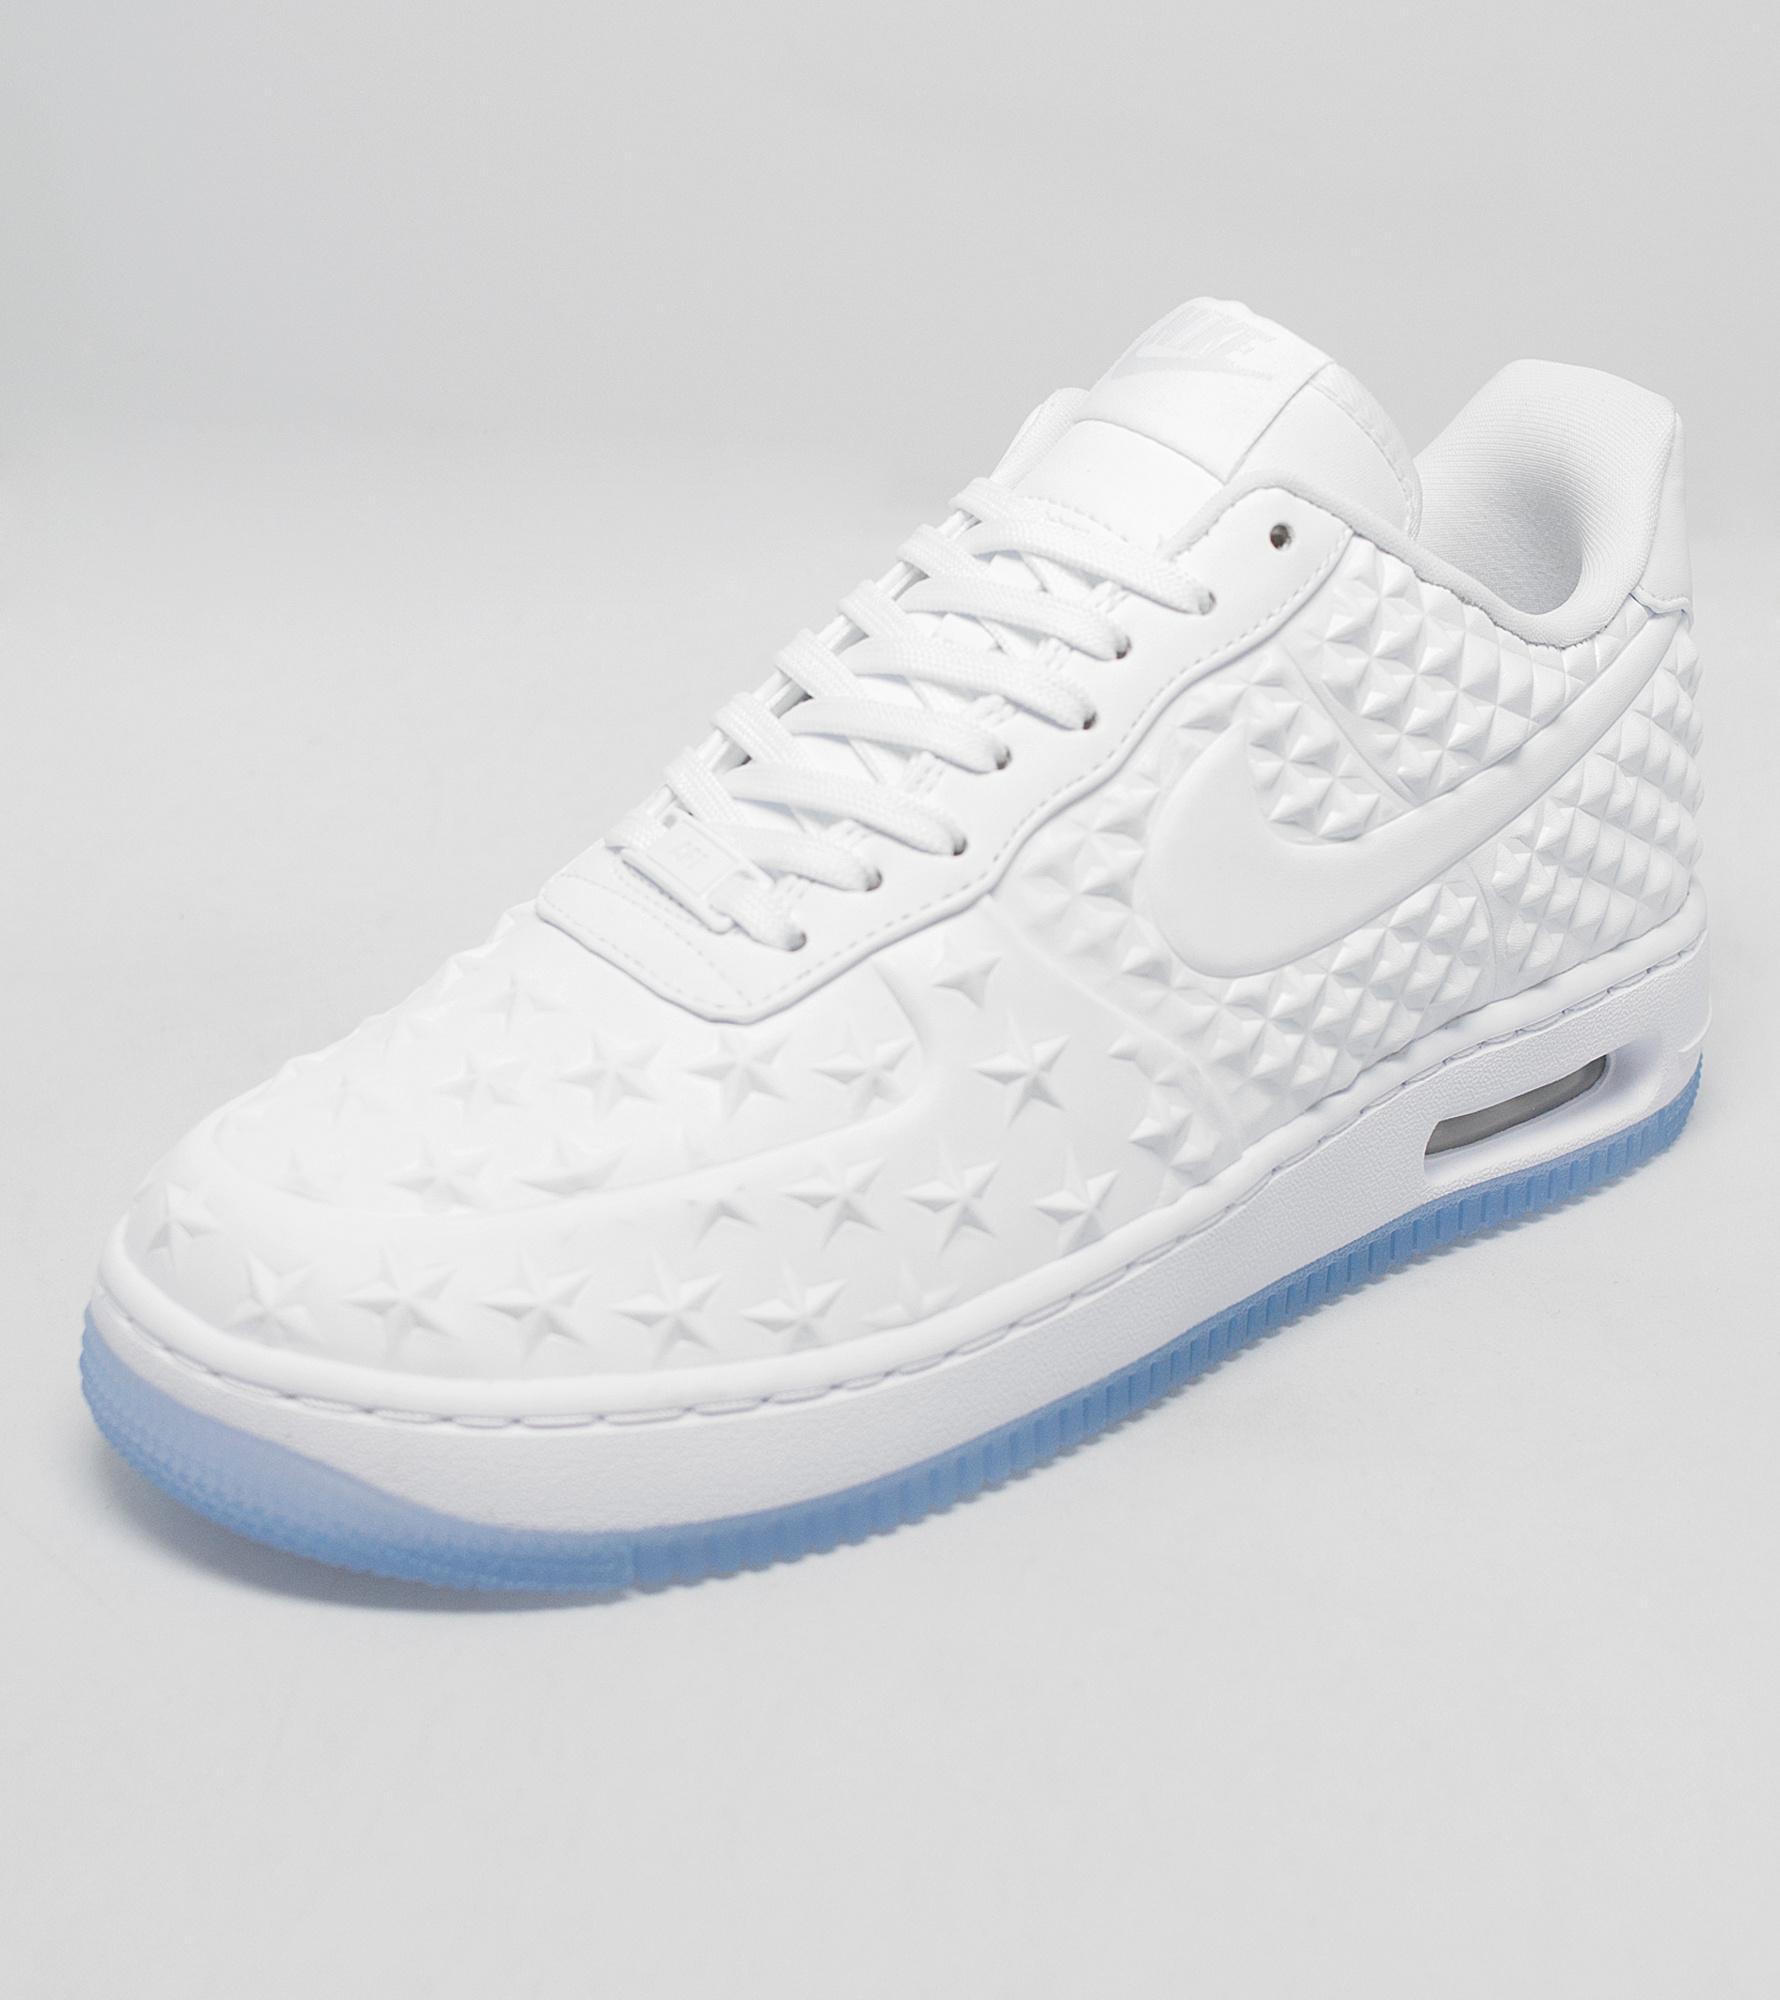 Nike Air Force 1 Élite De Tous Uku Étoiles